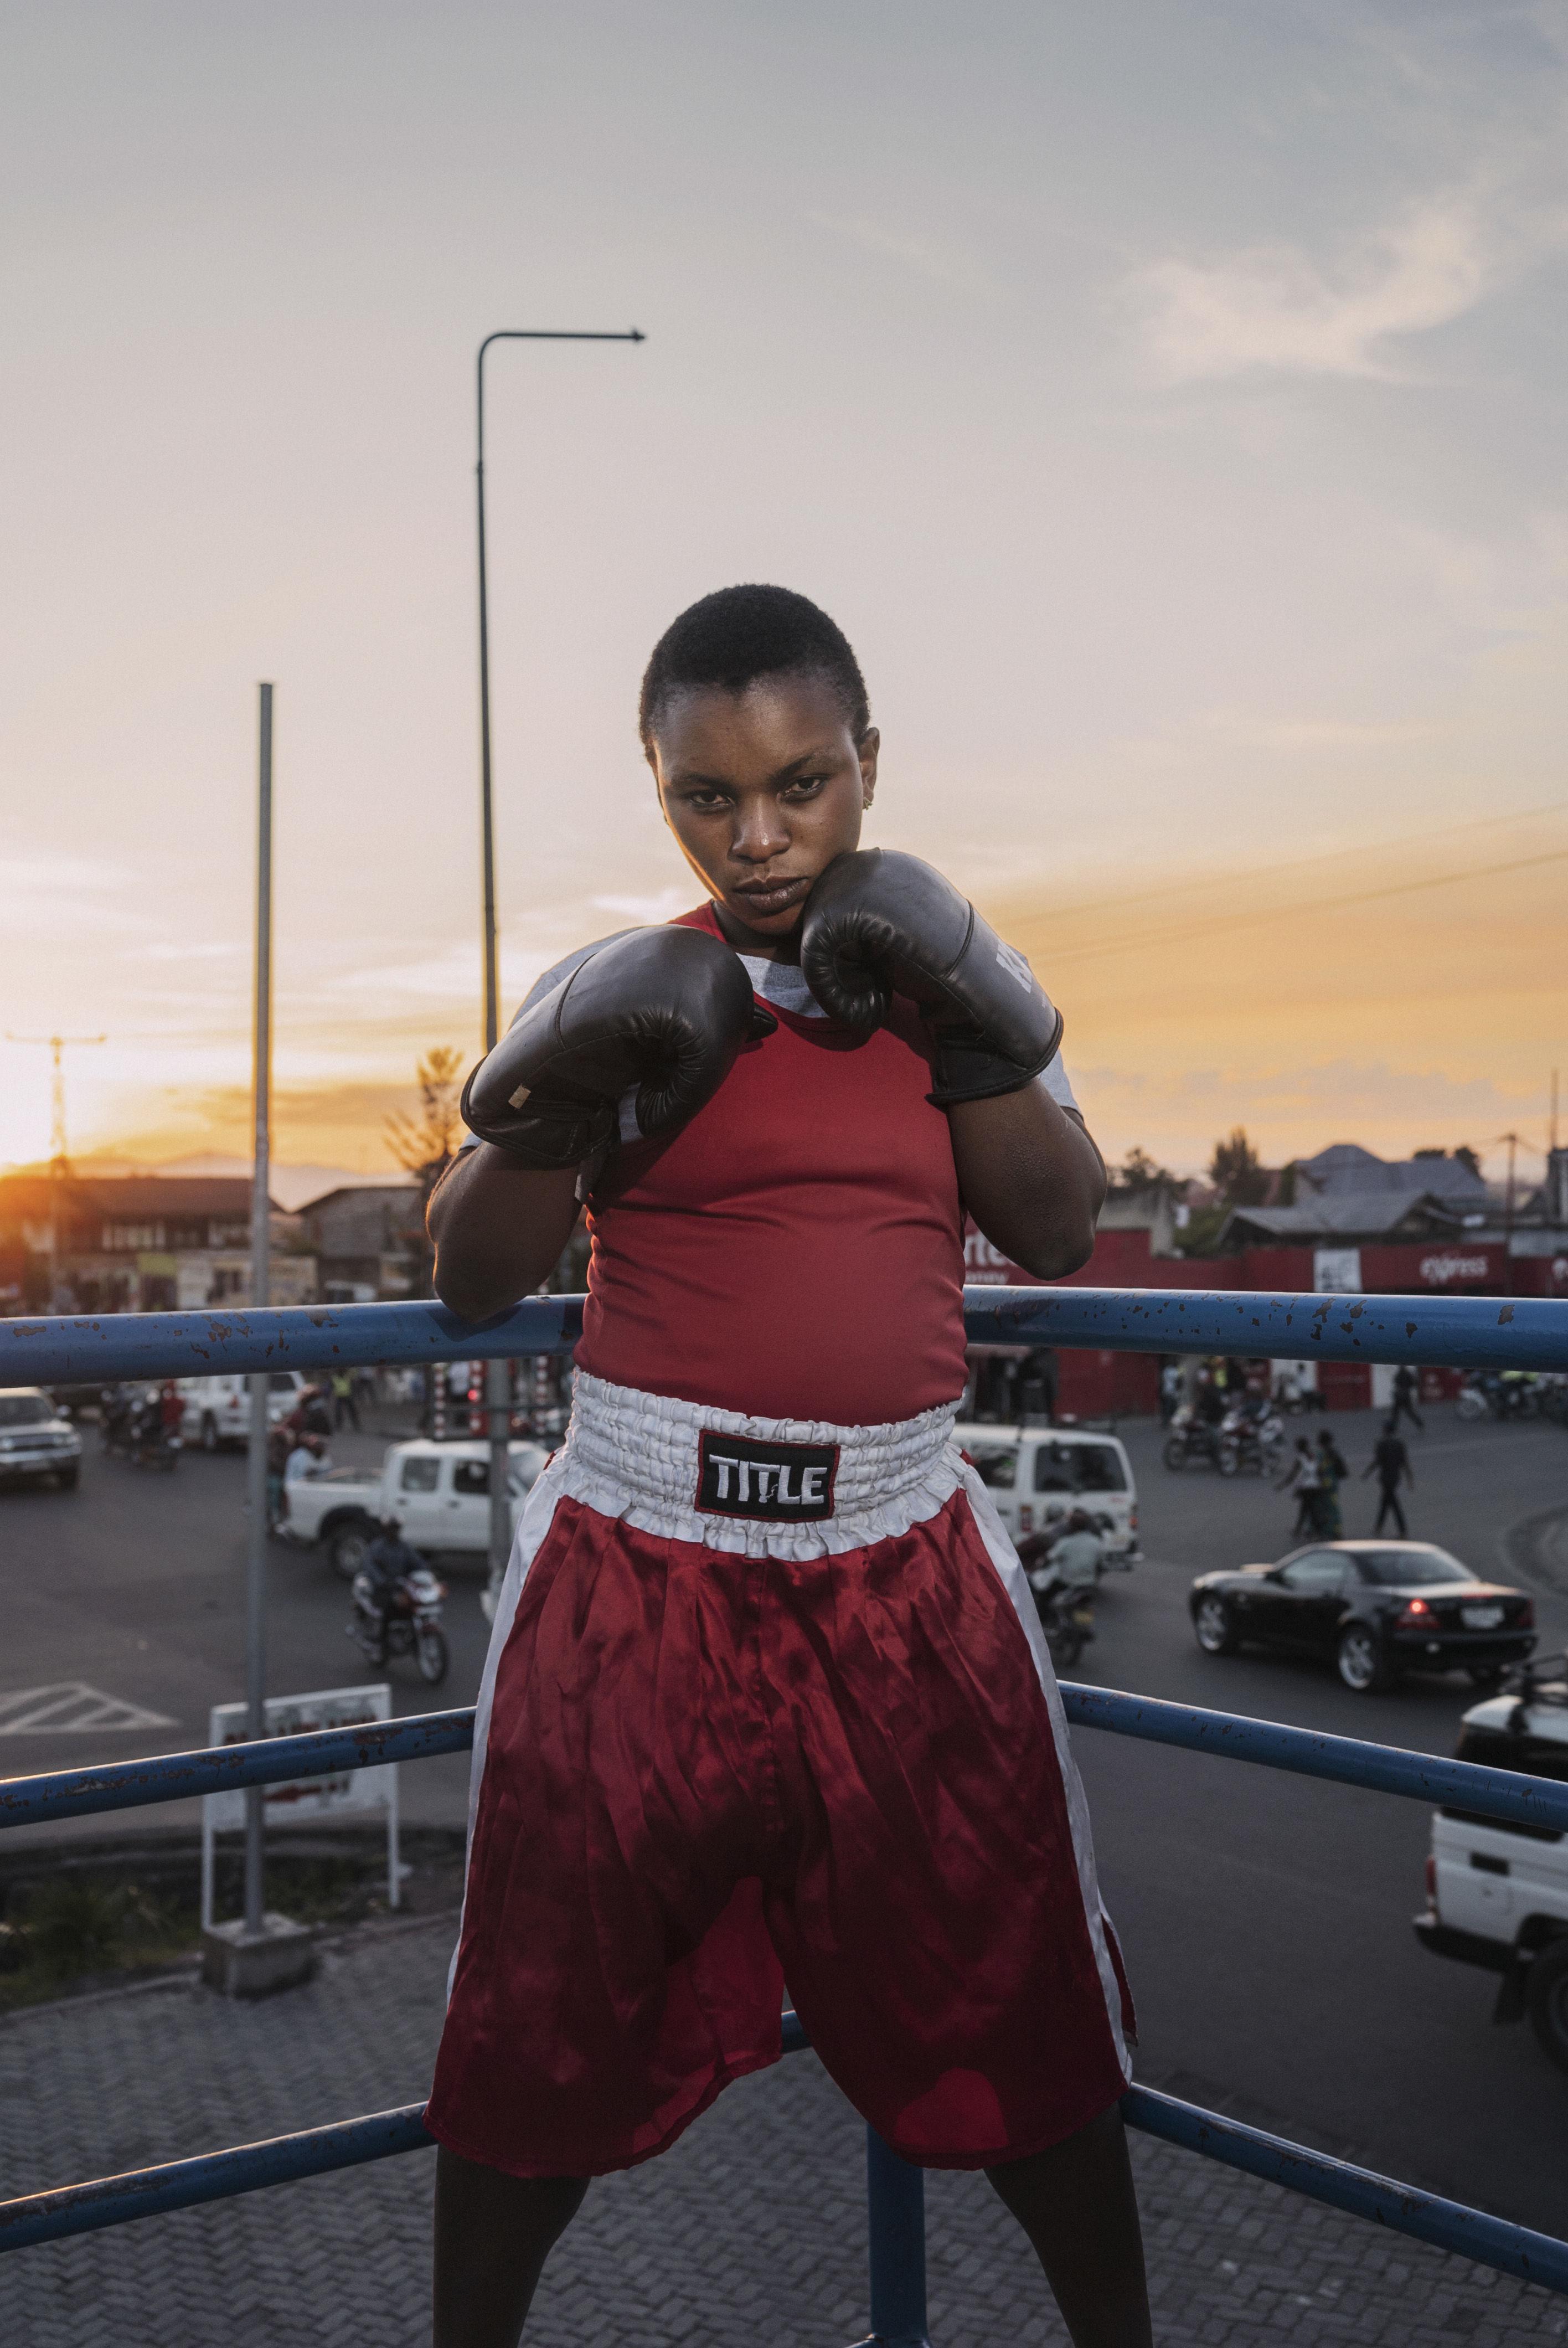 25 потрясающих фотографий, которые заставят вас иначе взглянуть на мир: названы победители Sony World Photography Awards 2019